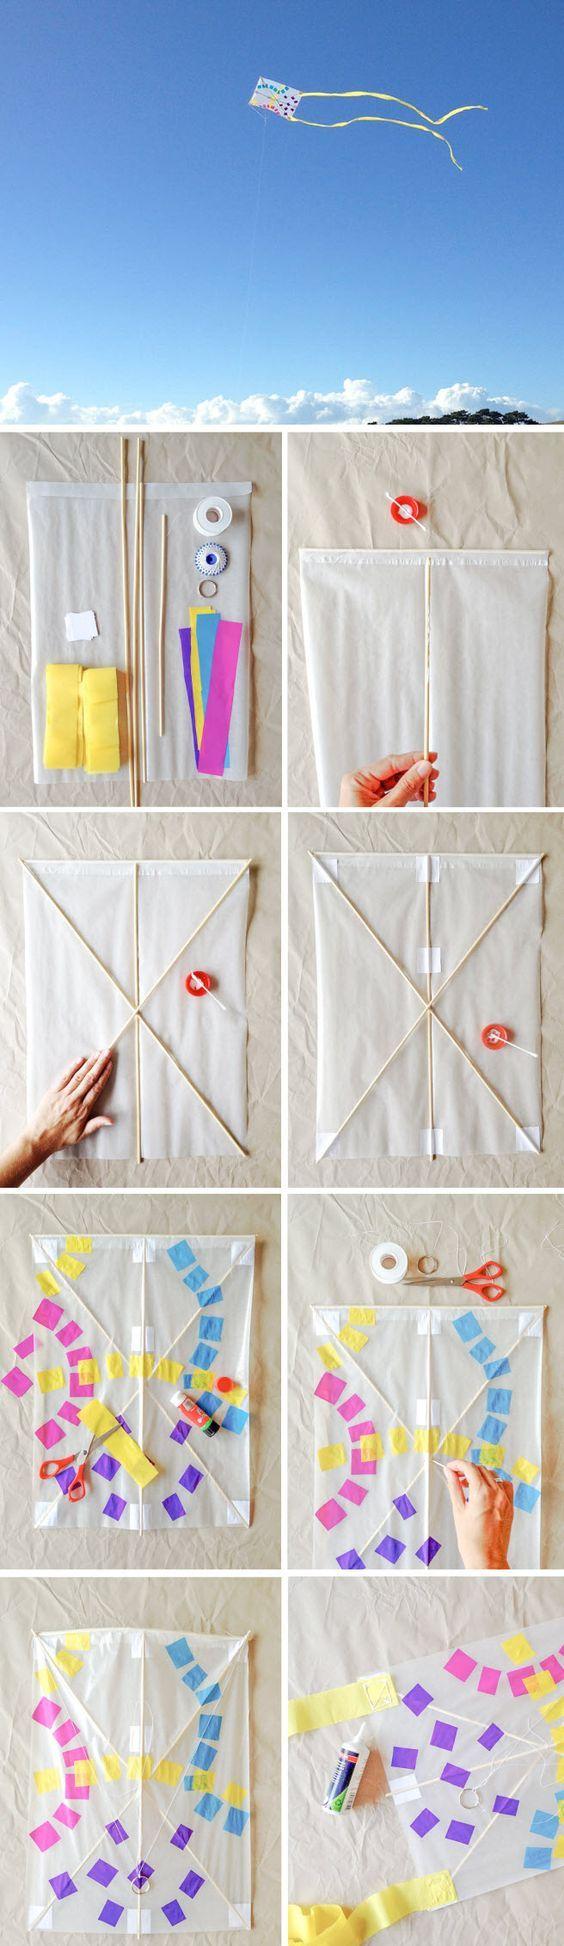 Fabriquer un cerf volant en papier